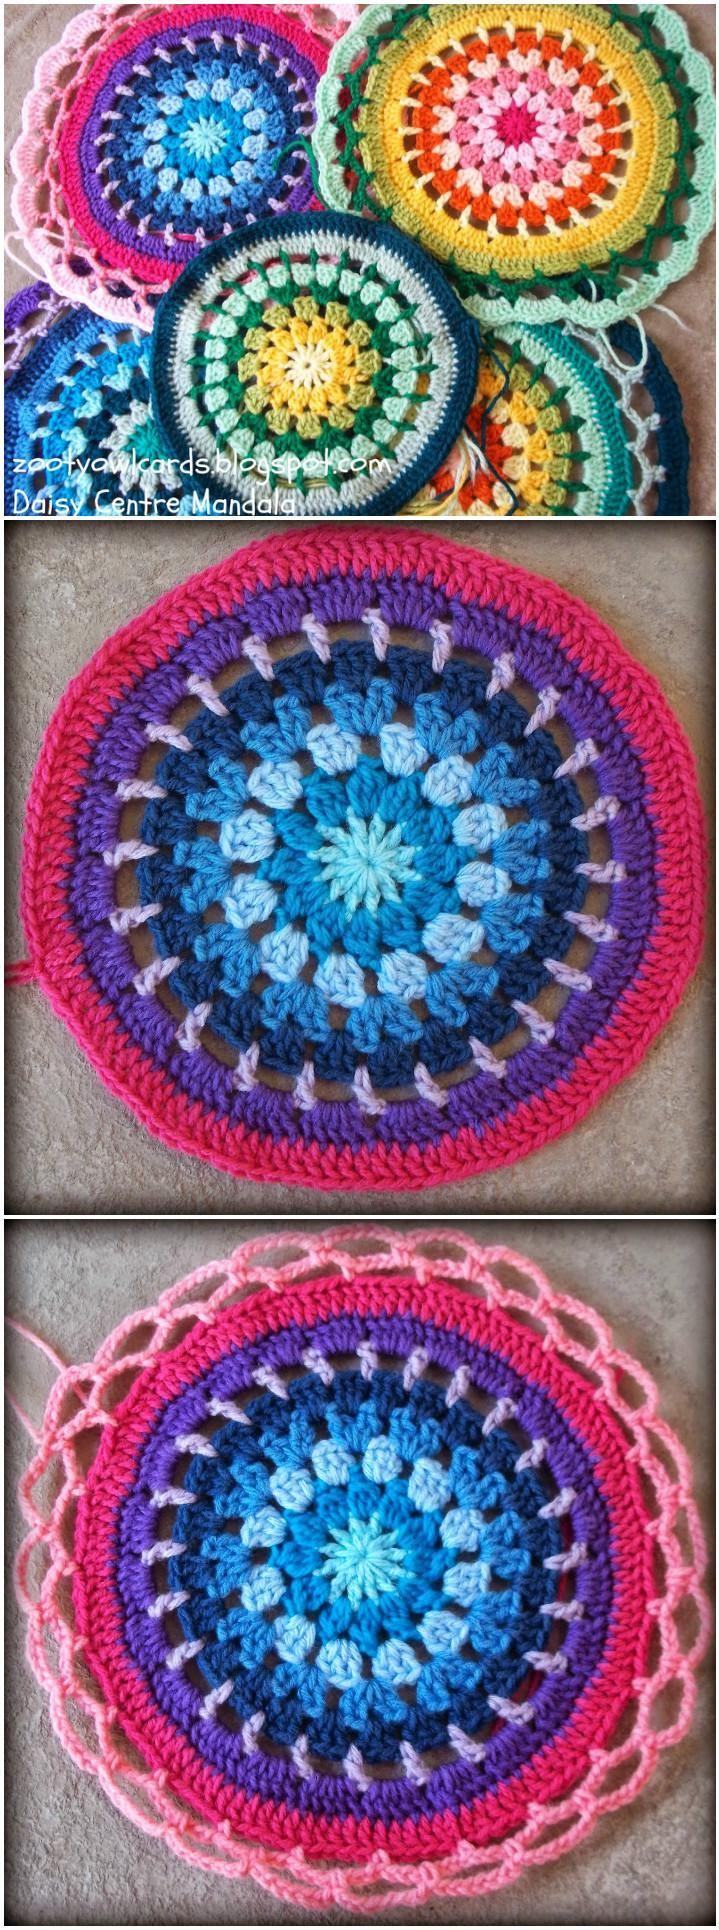 60+ Free Crochet Mandala Patterns - Page 7 of 12 | Mandalas, Tejido ...